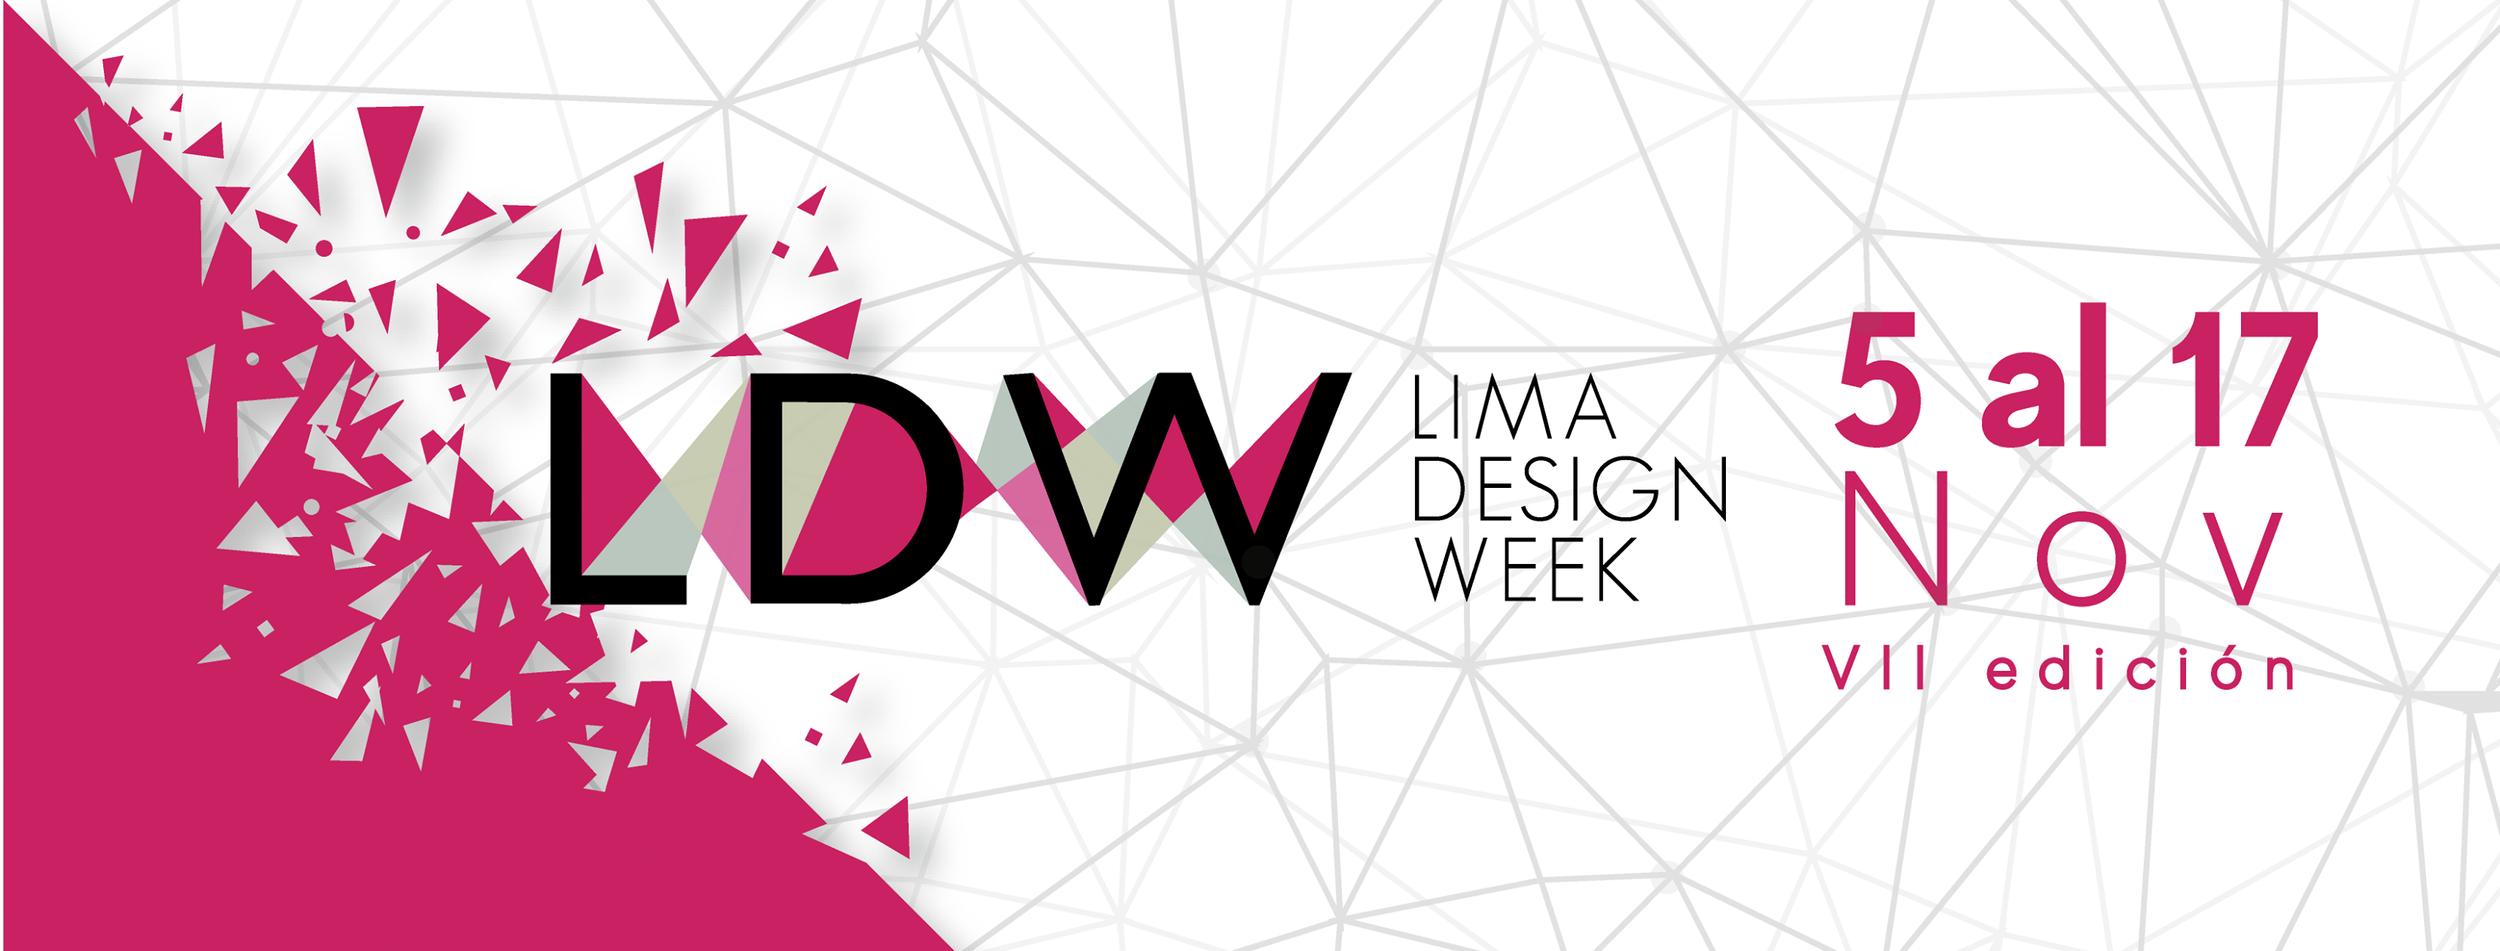 limadesignweek